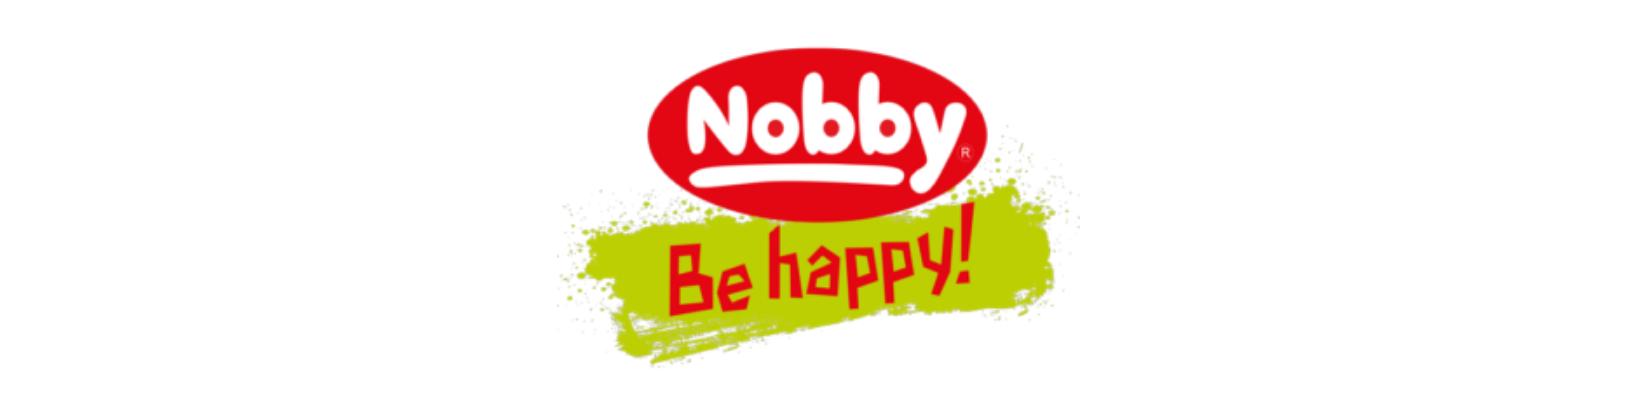 NOBBY